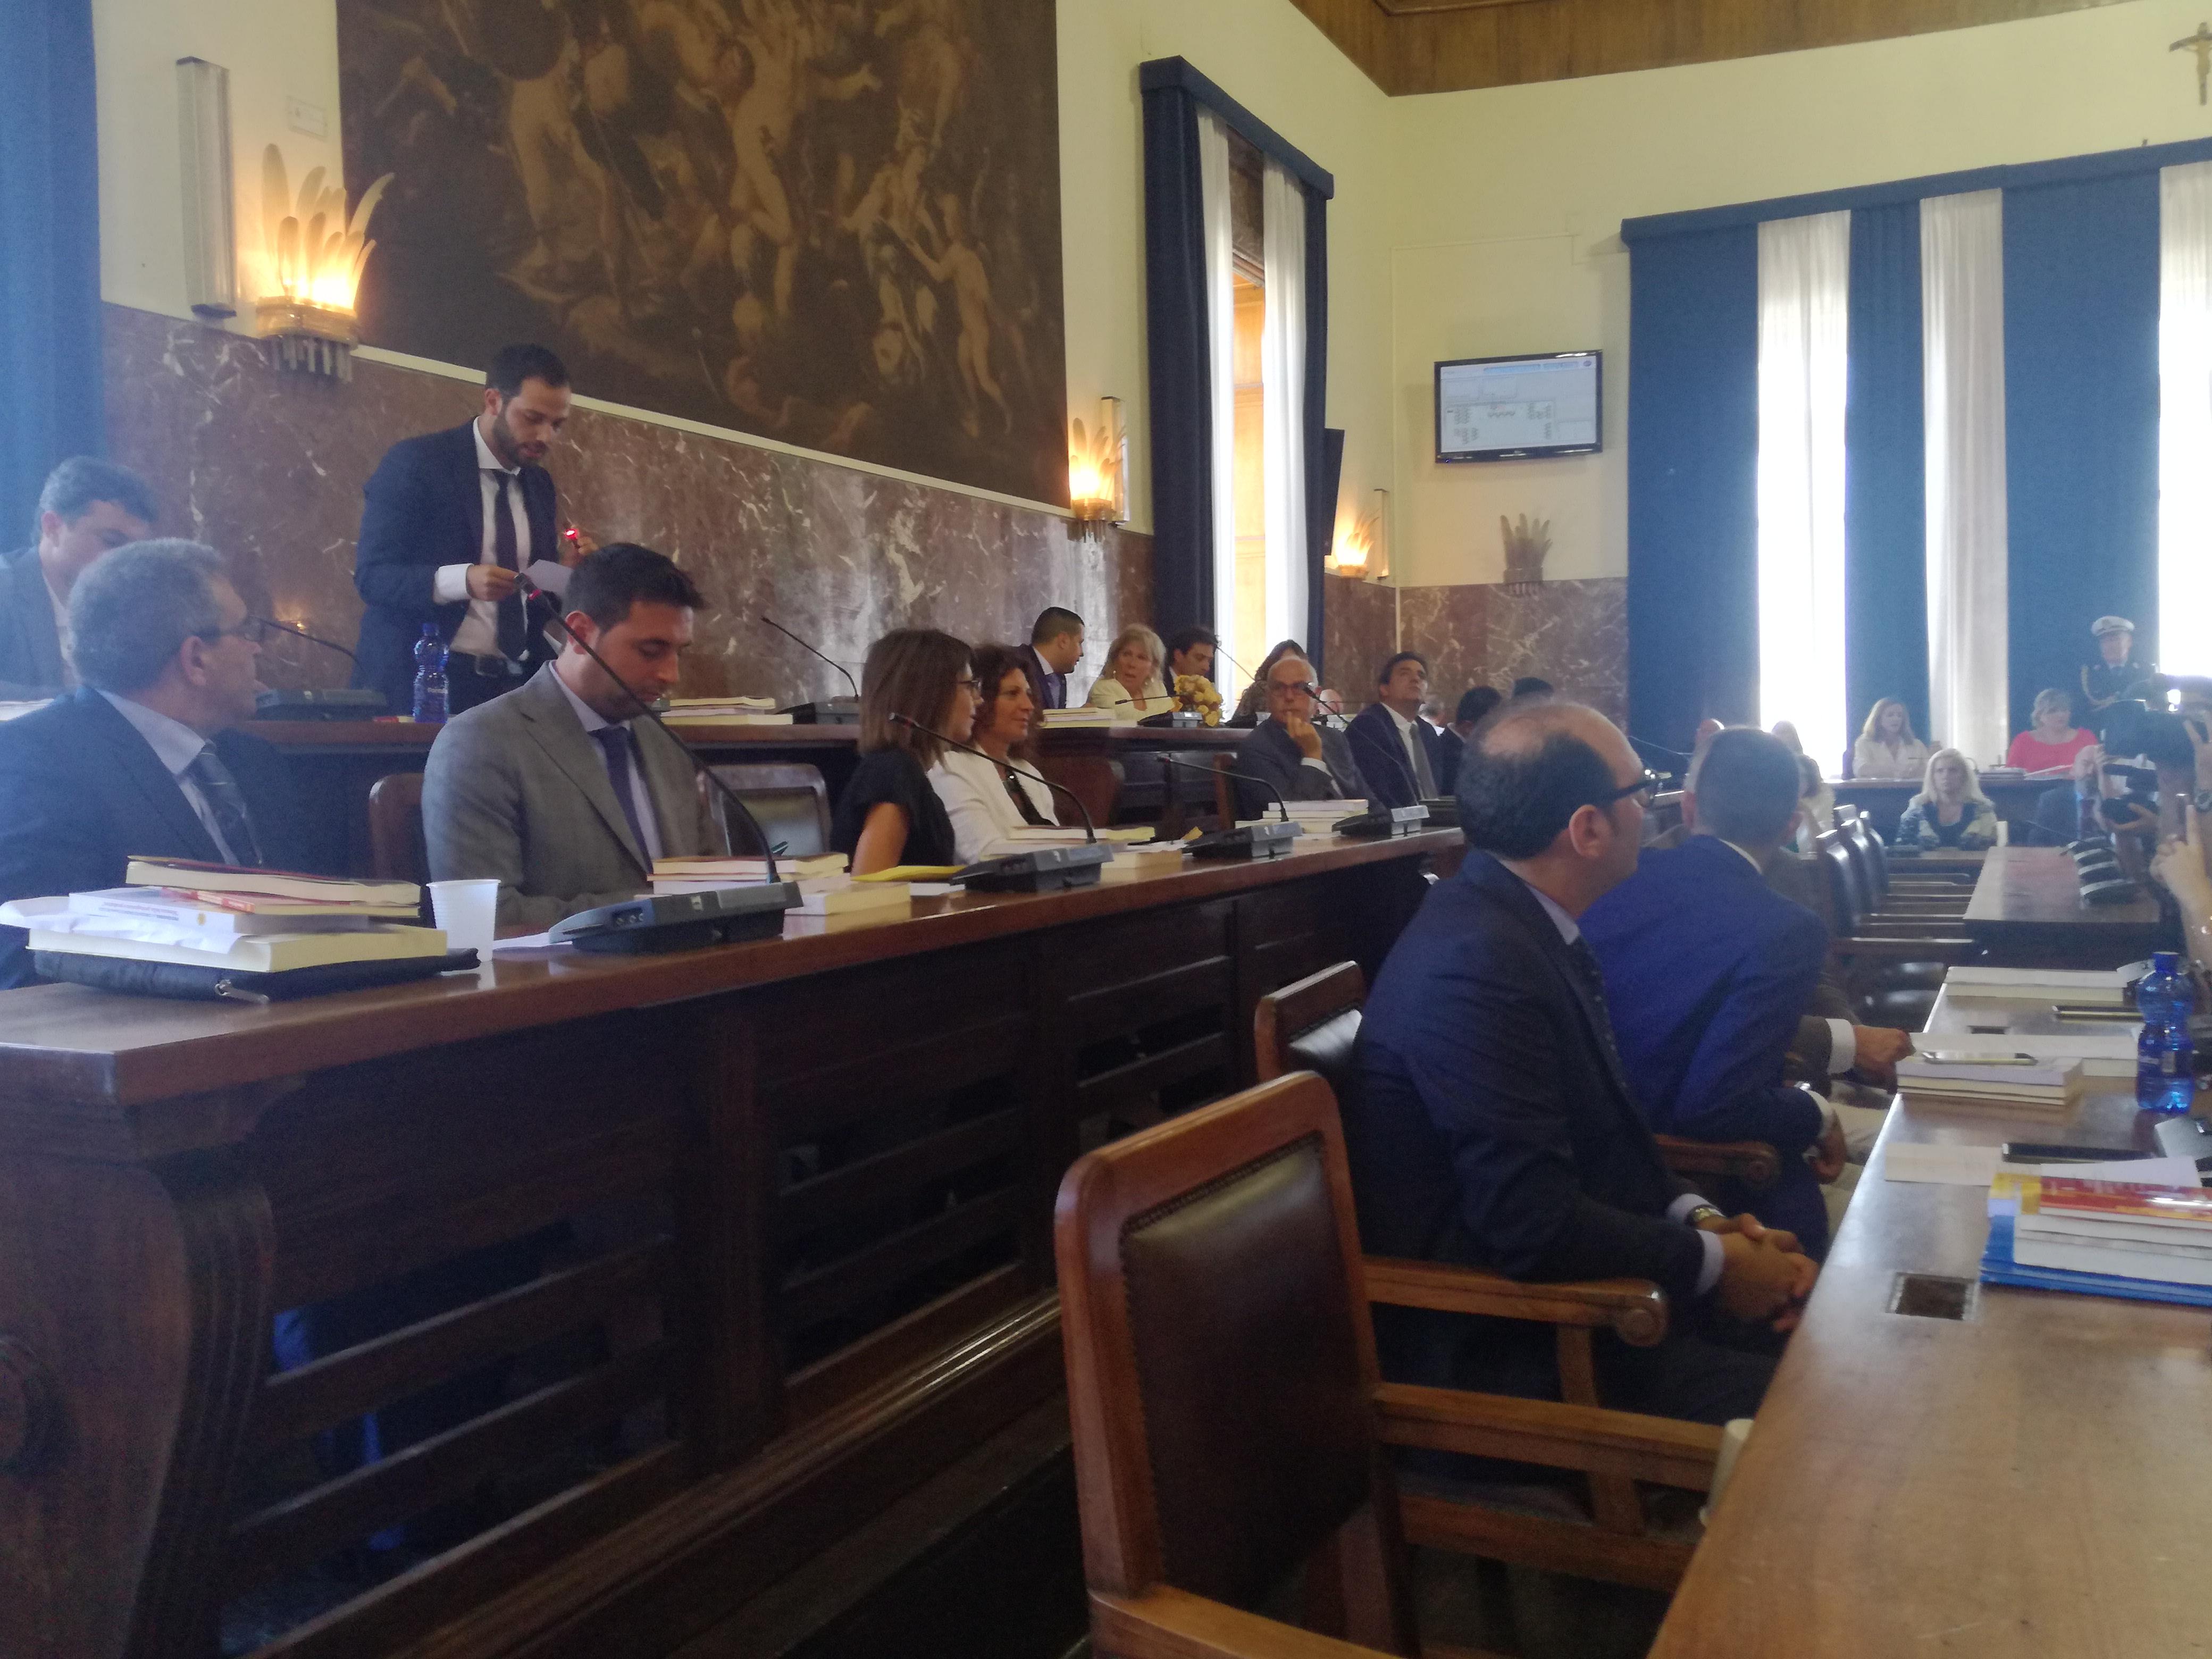 Presidenze commissioni, il mosaico inizia a prendere forma